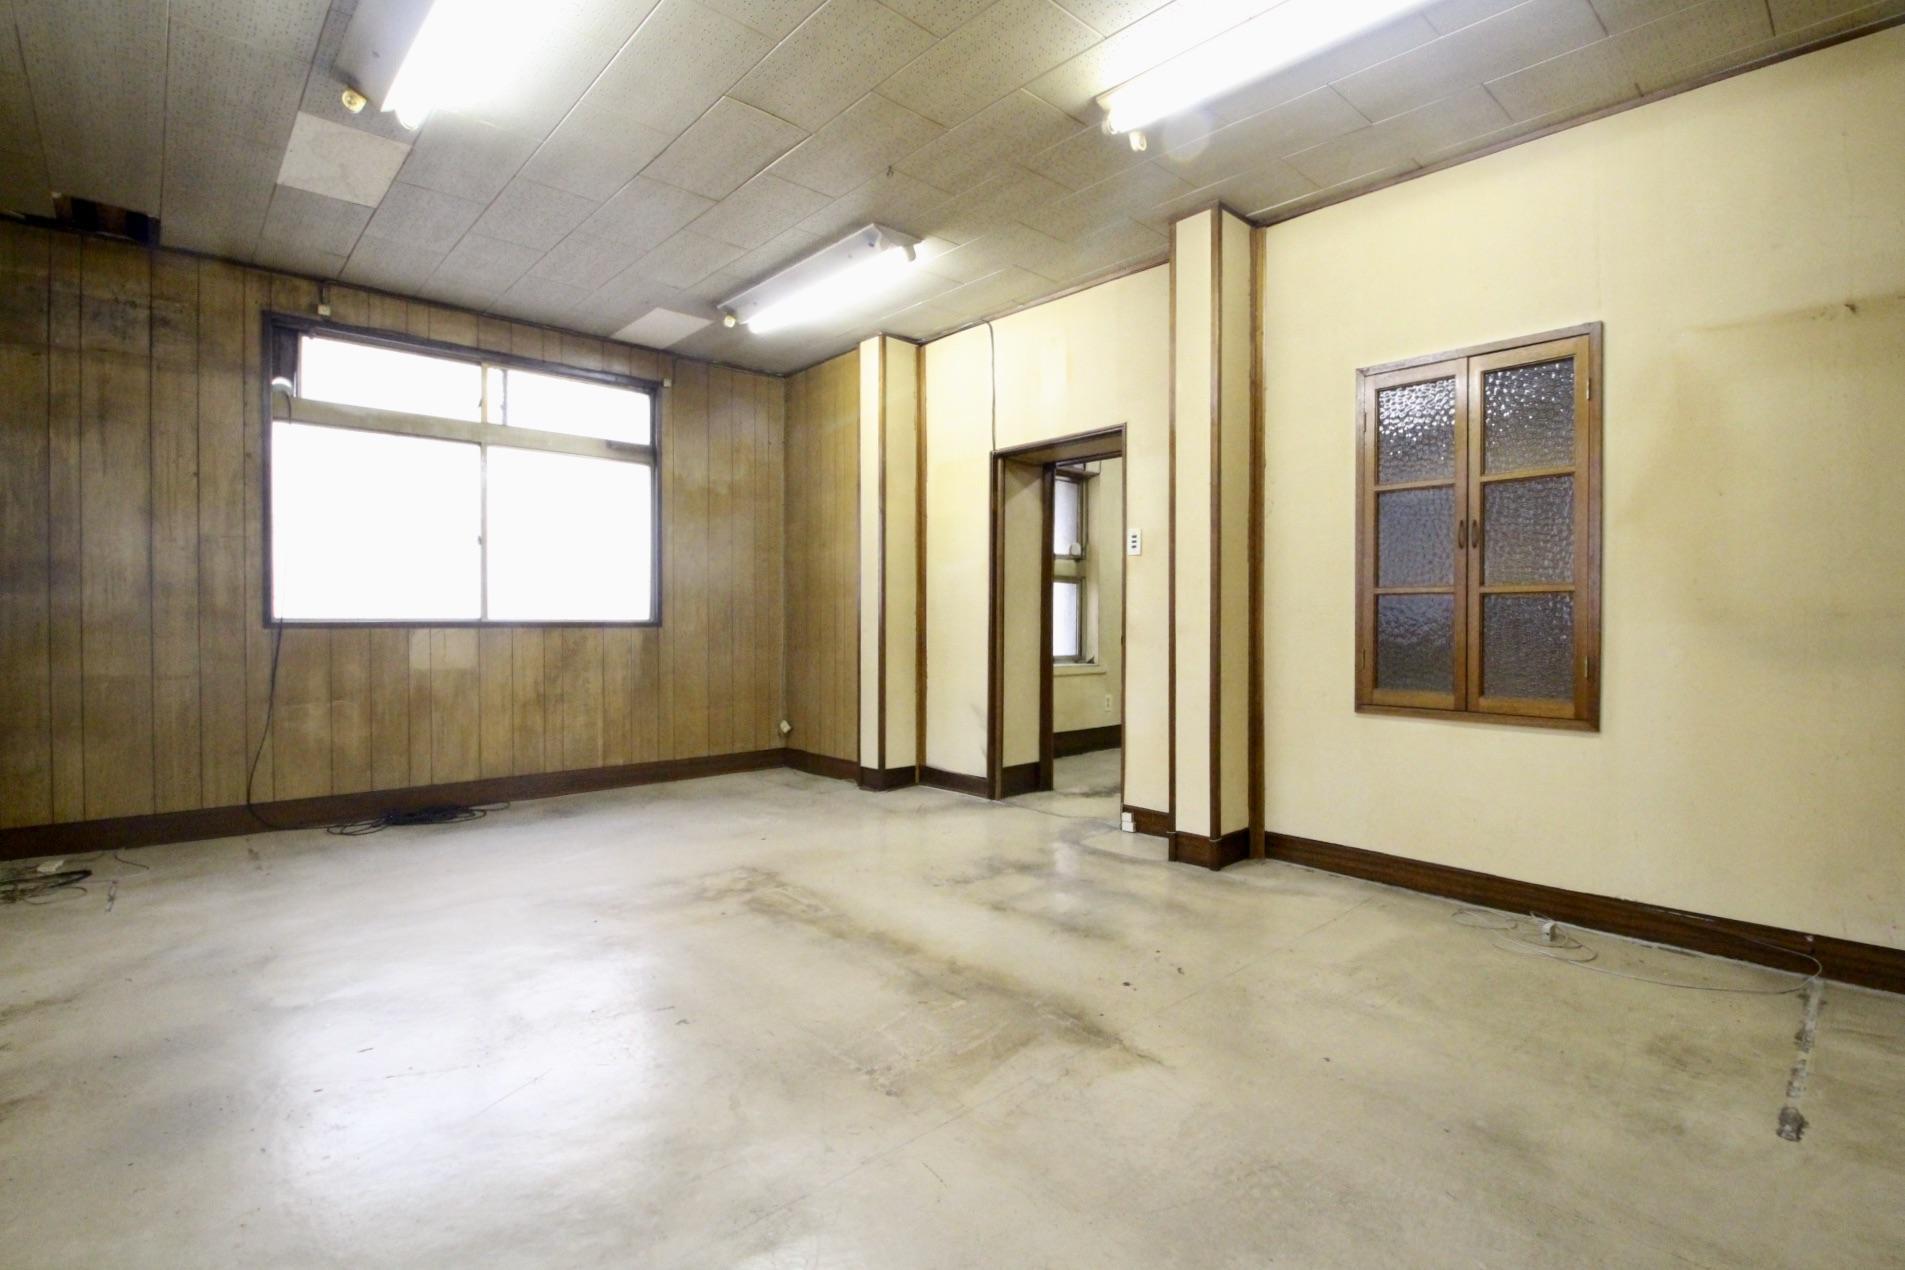 天井や壁もブチ抜いて生まれ変わるのが楽しみ(2階)